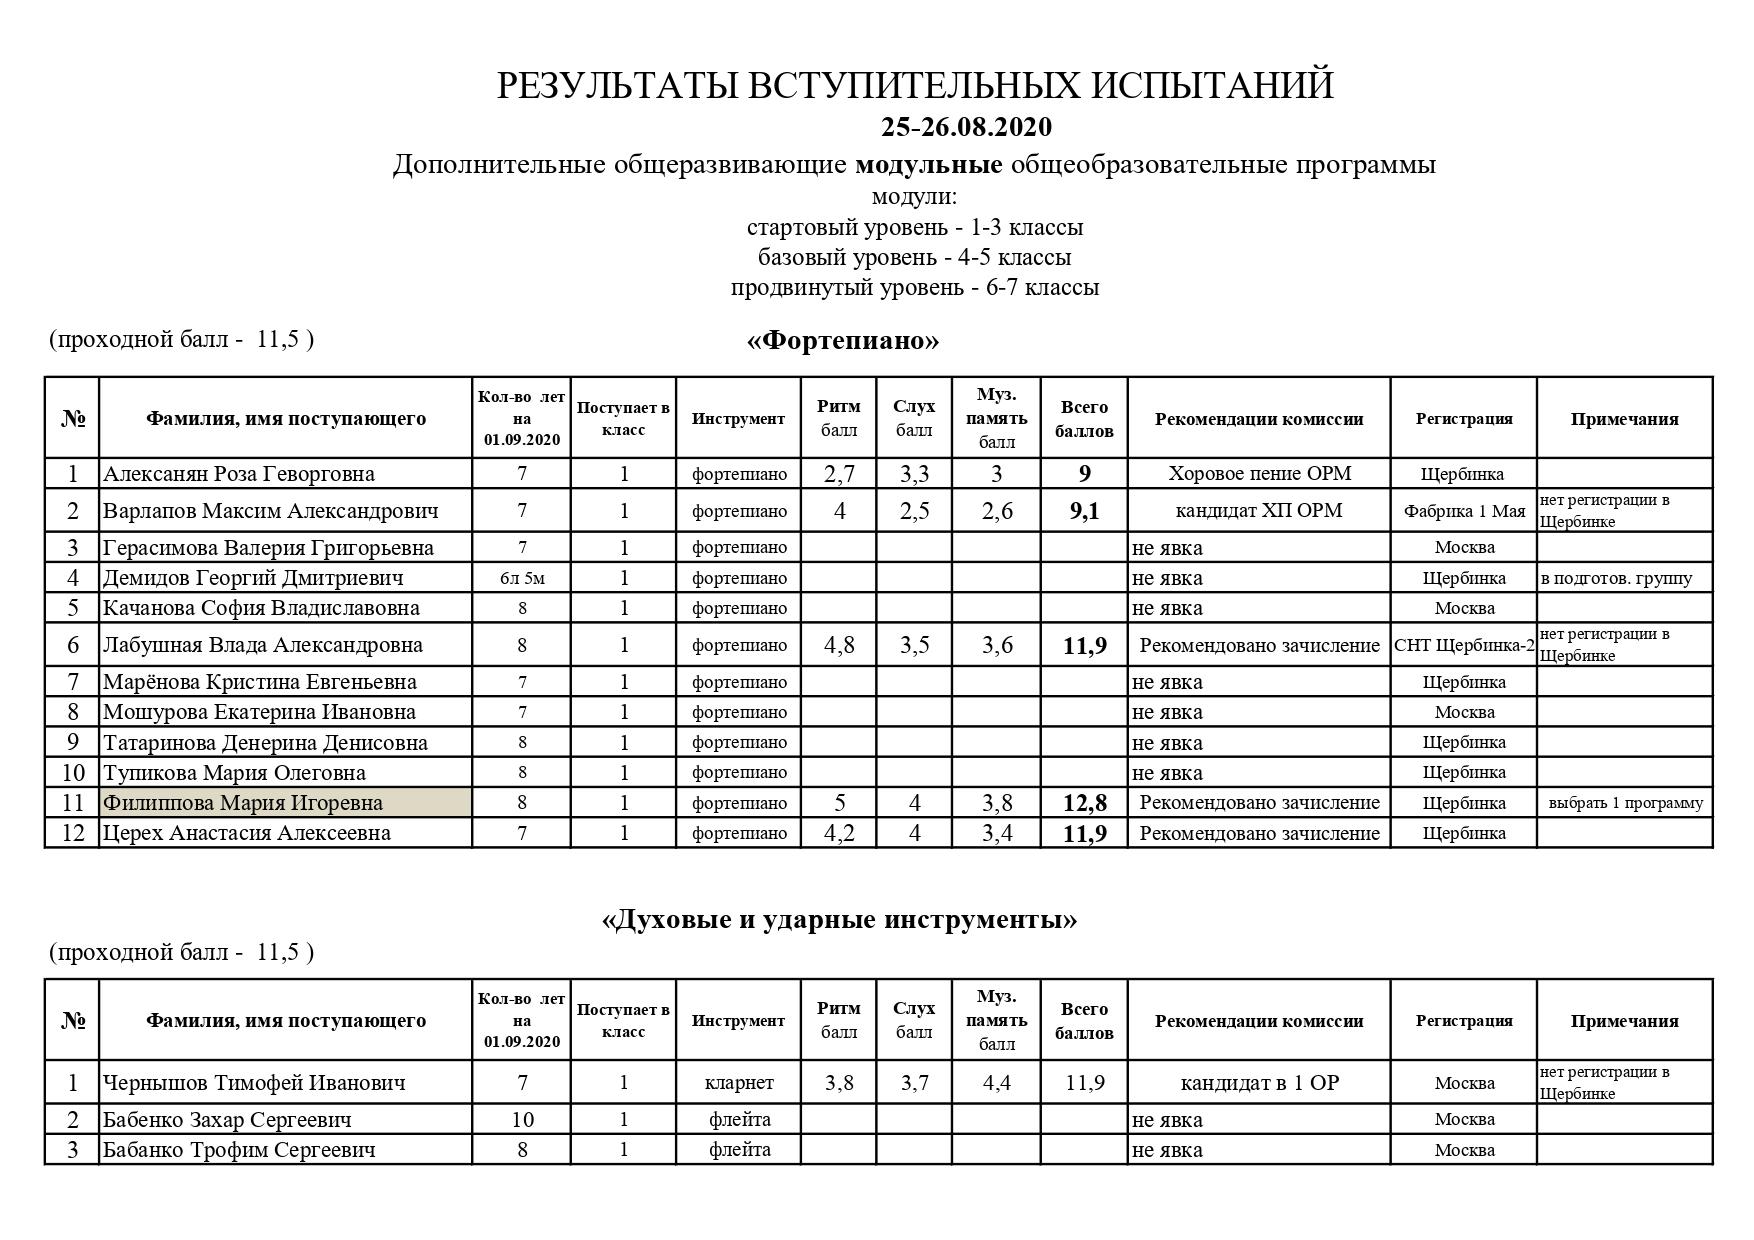 Рез.вст.исп. 25-26.08.20 ОРМ_page-0001